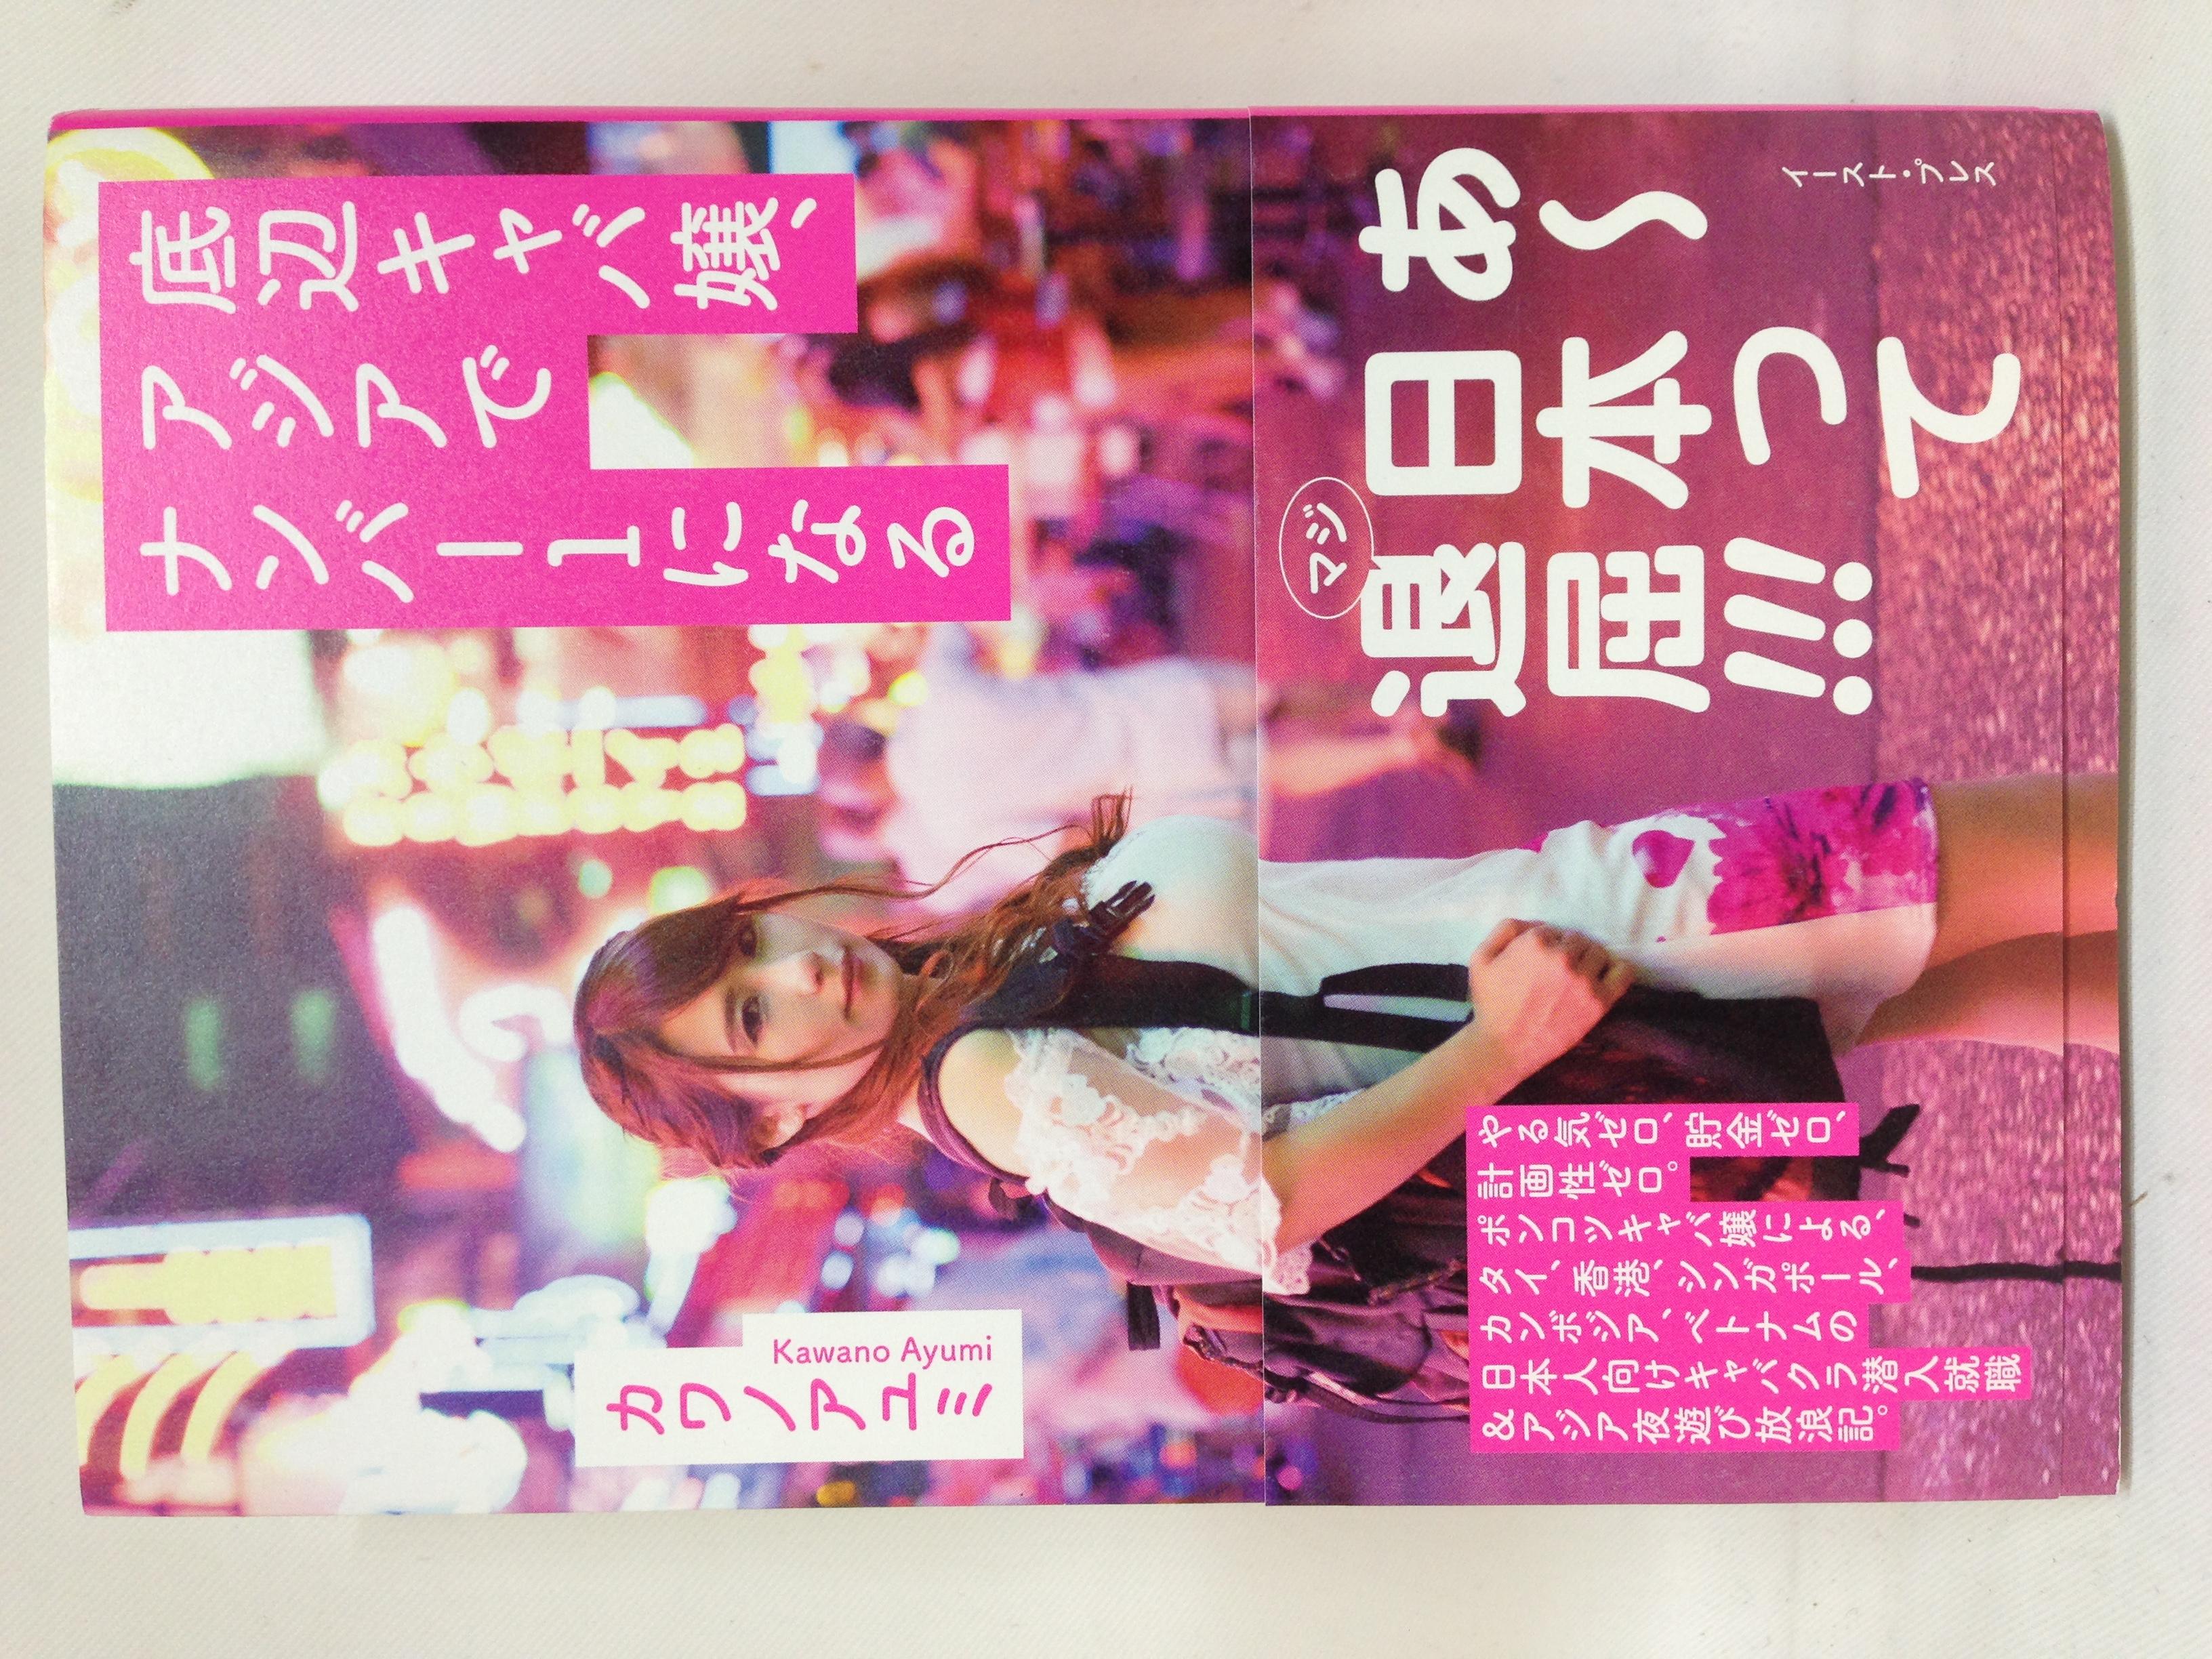 【サイン入り】底辺キャバ嬢、アジアでナンバー1になる画像